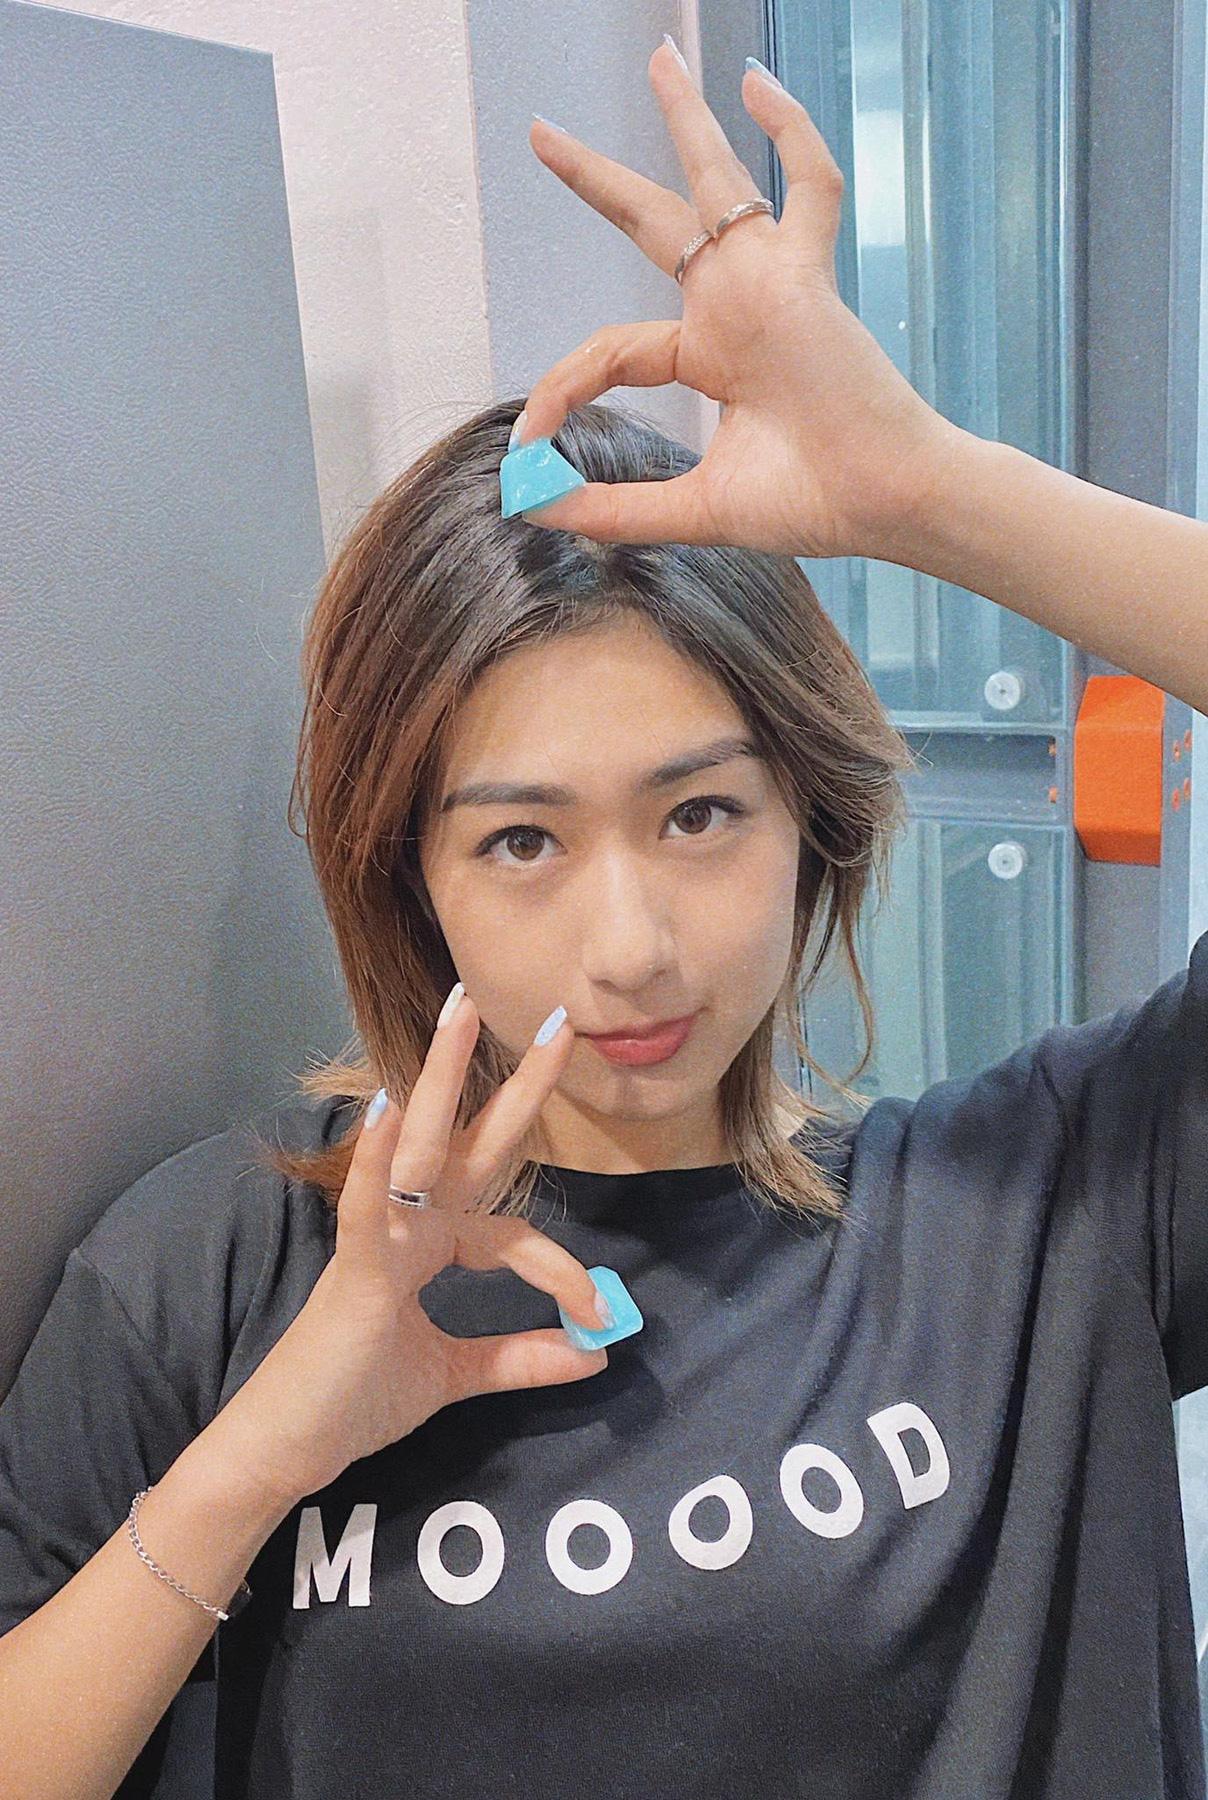 Thái Vũ, Nhung Gumiho, Trang Lou - những gương mặt đi đầu trong làng đu trend chụp ảnh với đá viên hot hit trên MXH - Ảnh 2.